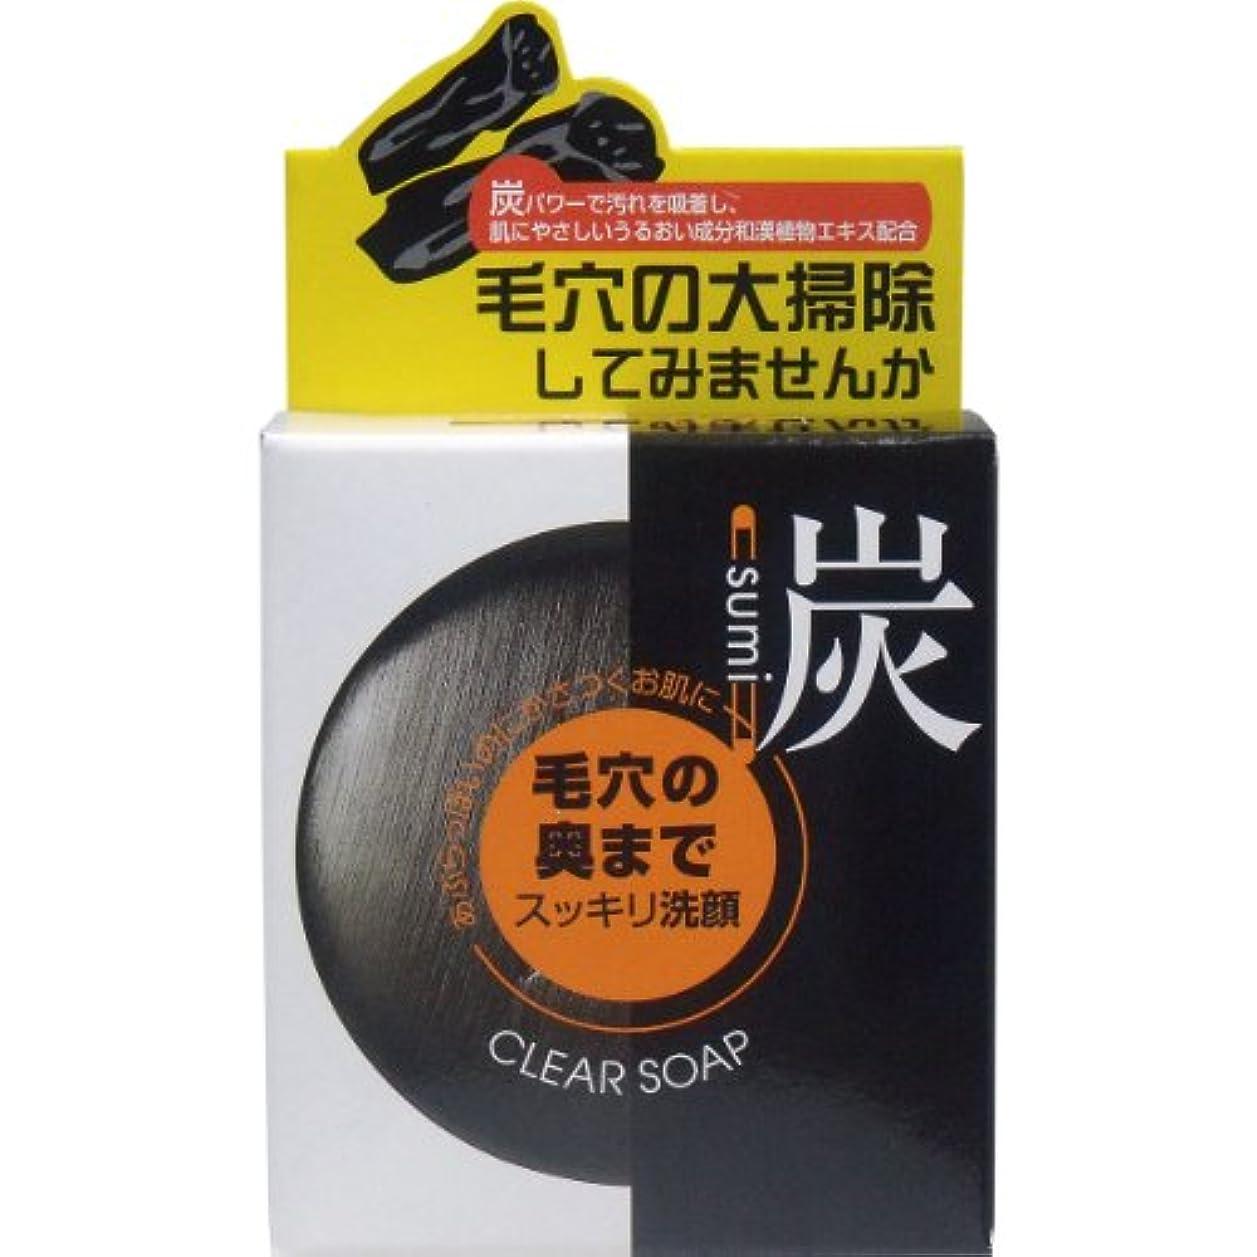 ユゼ 炭透明石けん 5セット